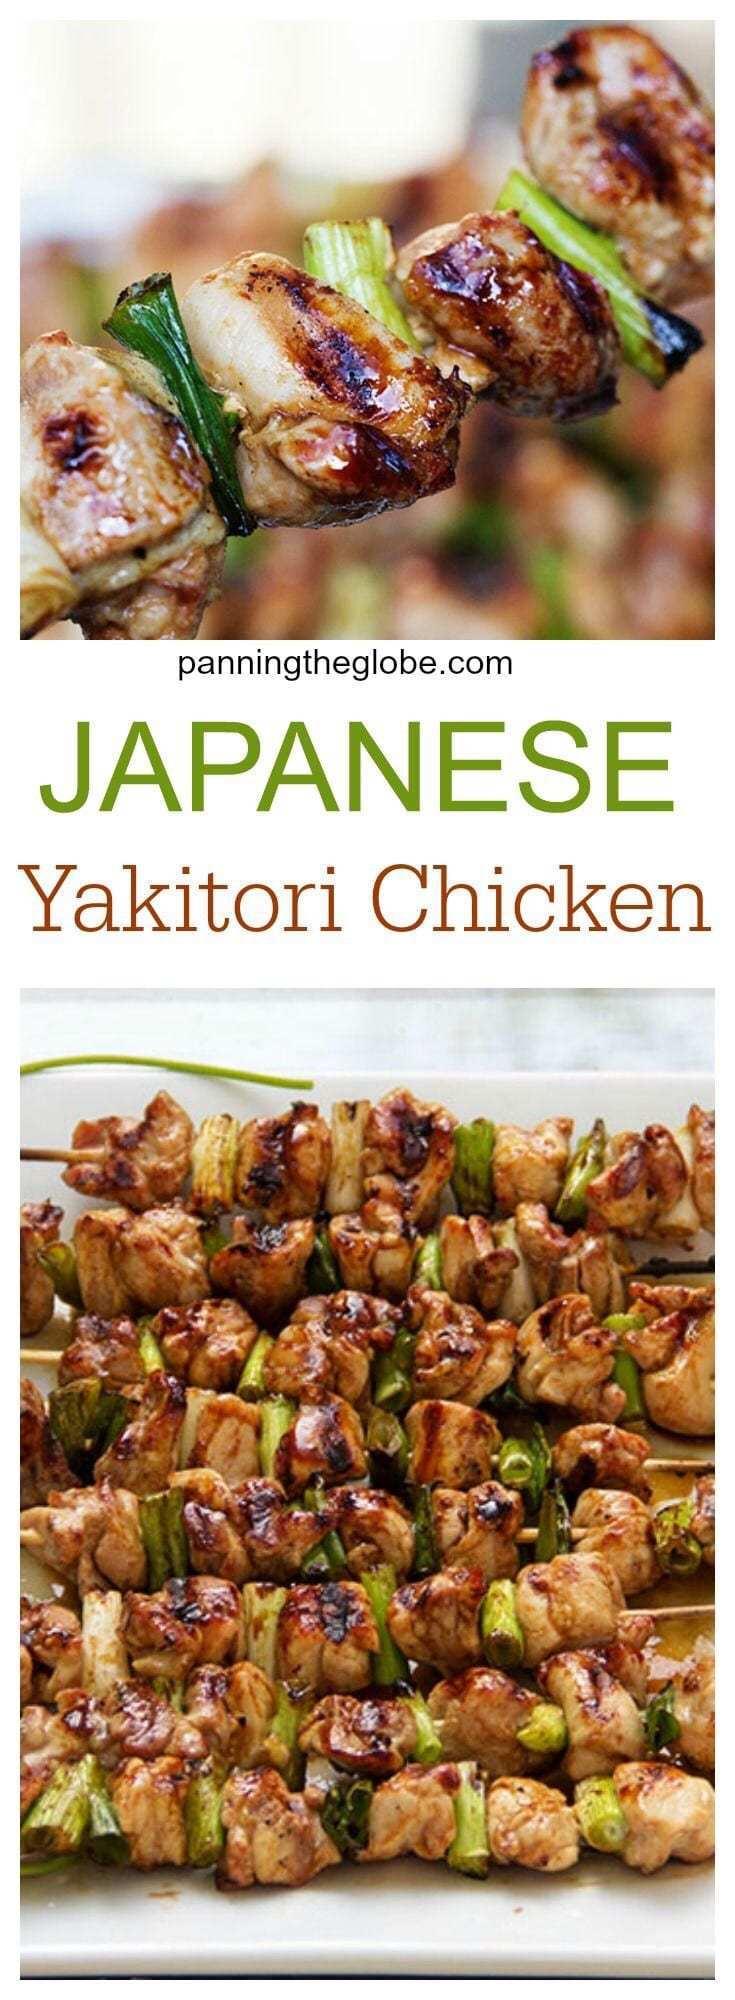 Japanese-Yakitori-Chicken